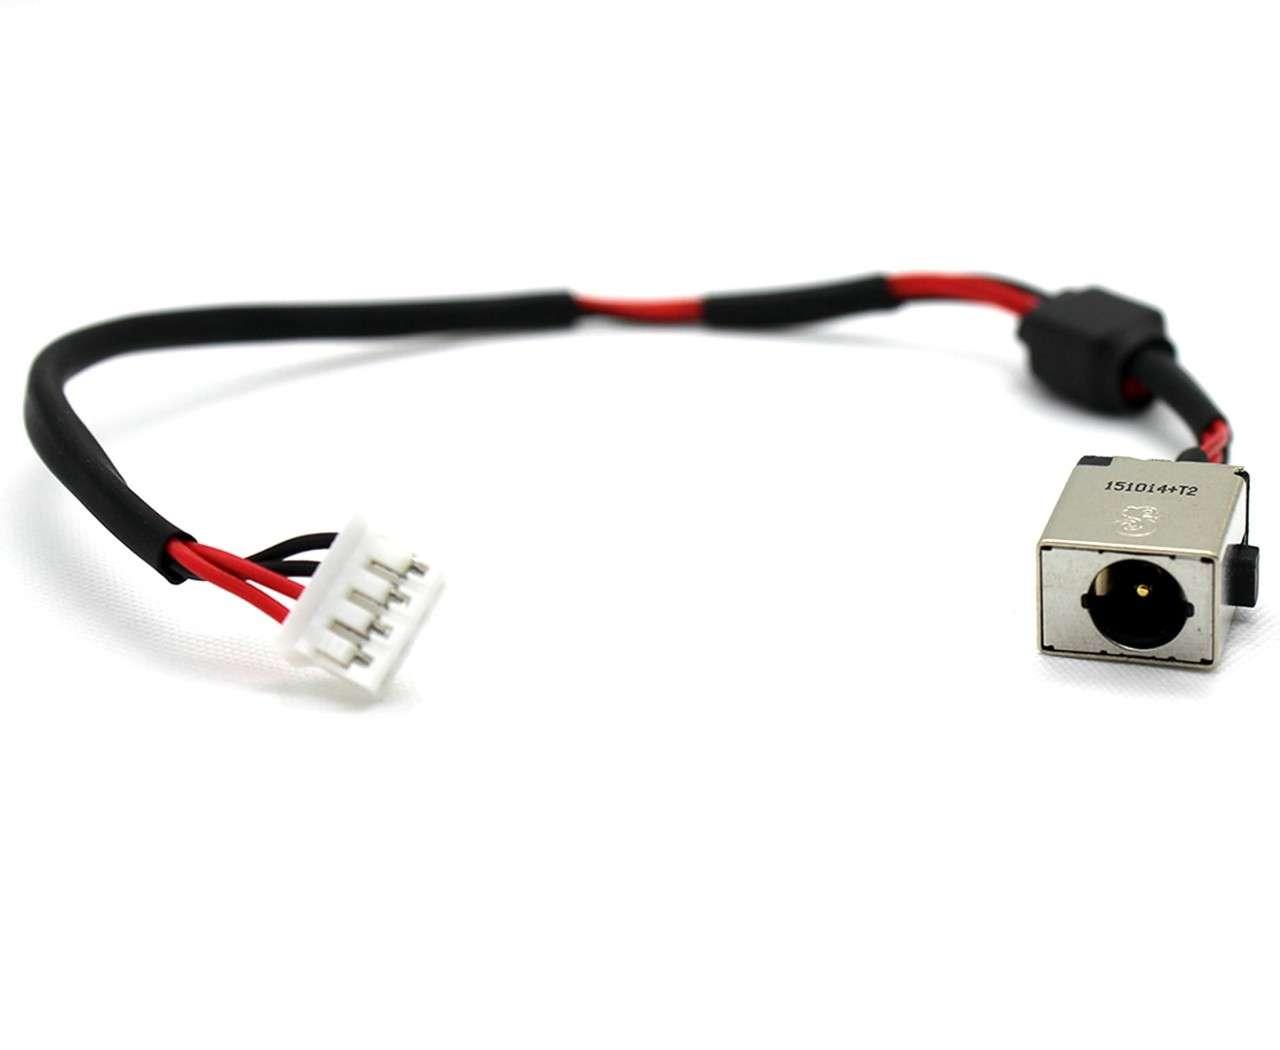 Mufa alimentare laptop Acer DC30100TJ00 cu fir imagine powerlaptop.ro 2021